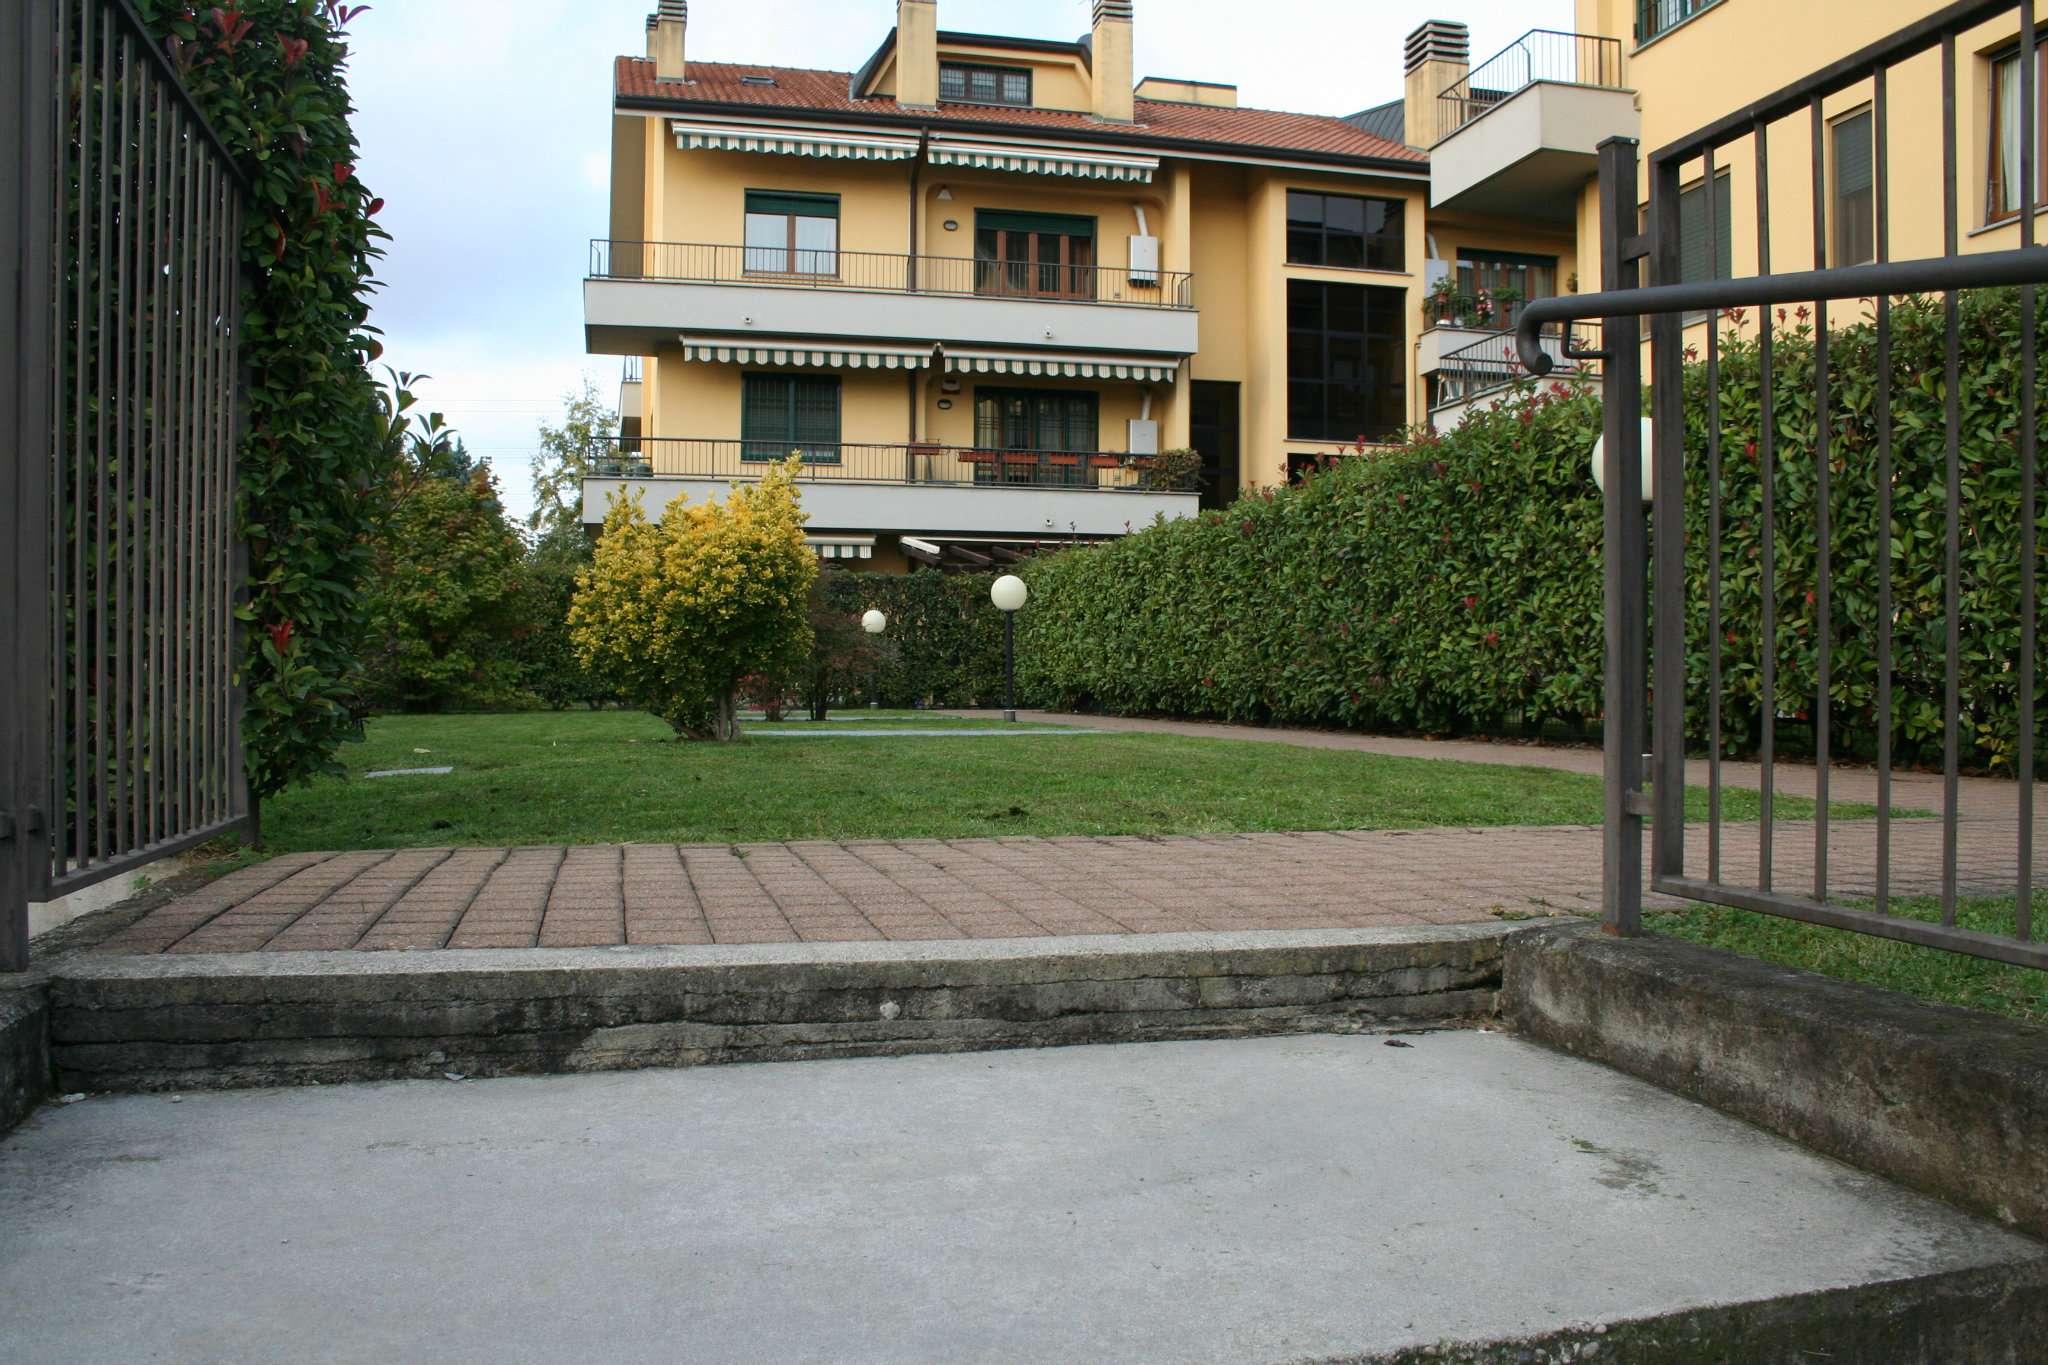 Appartamento in vendita a Cernusco sul Naviglio, 3 locali, prezzo € 260.000 | Cambio Casa.it